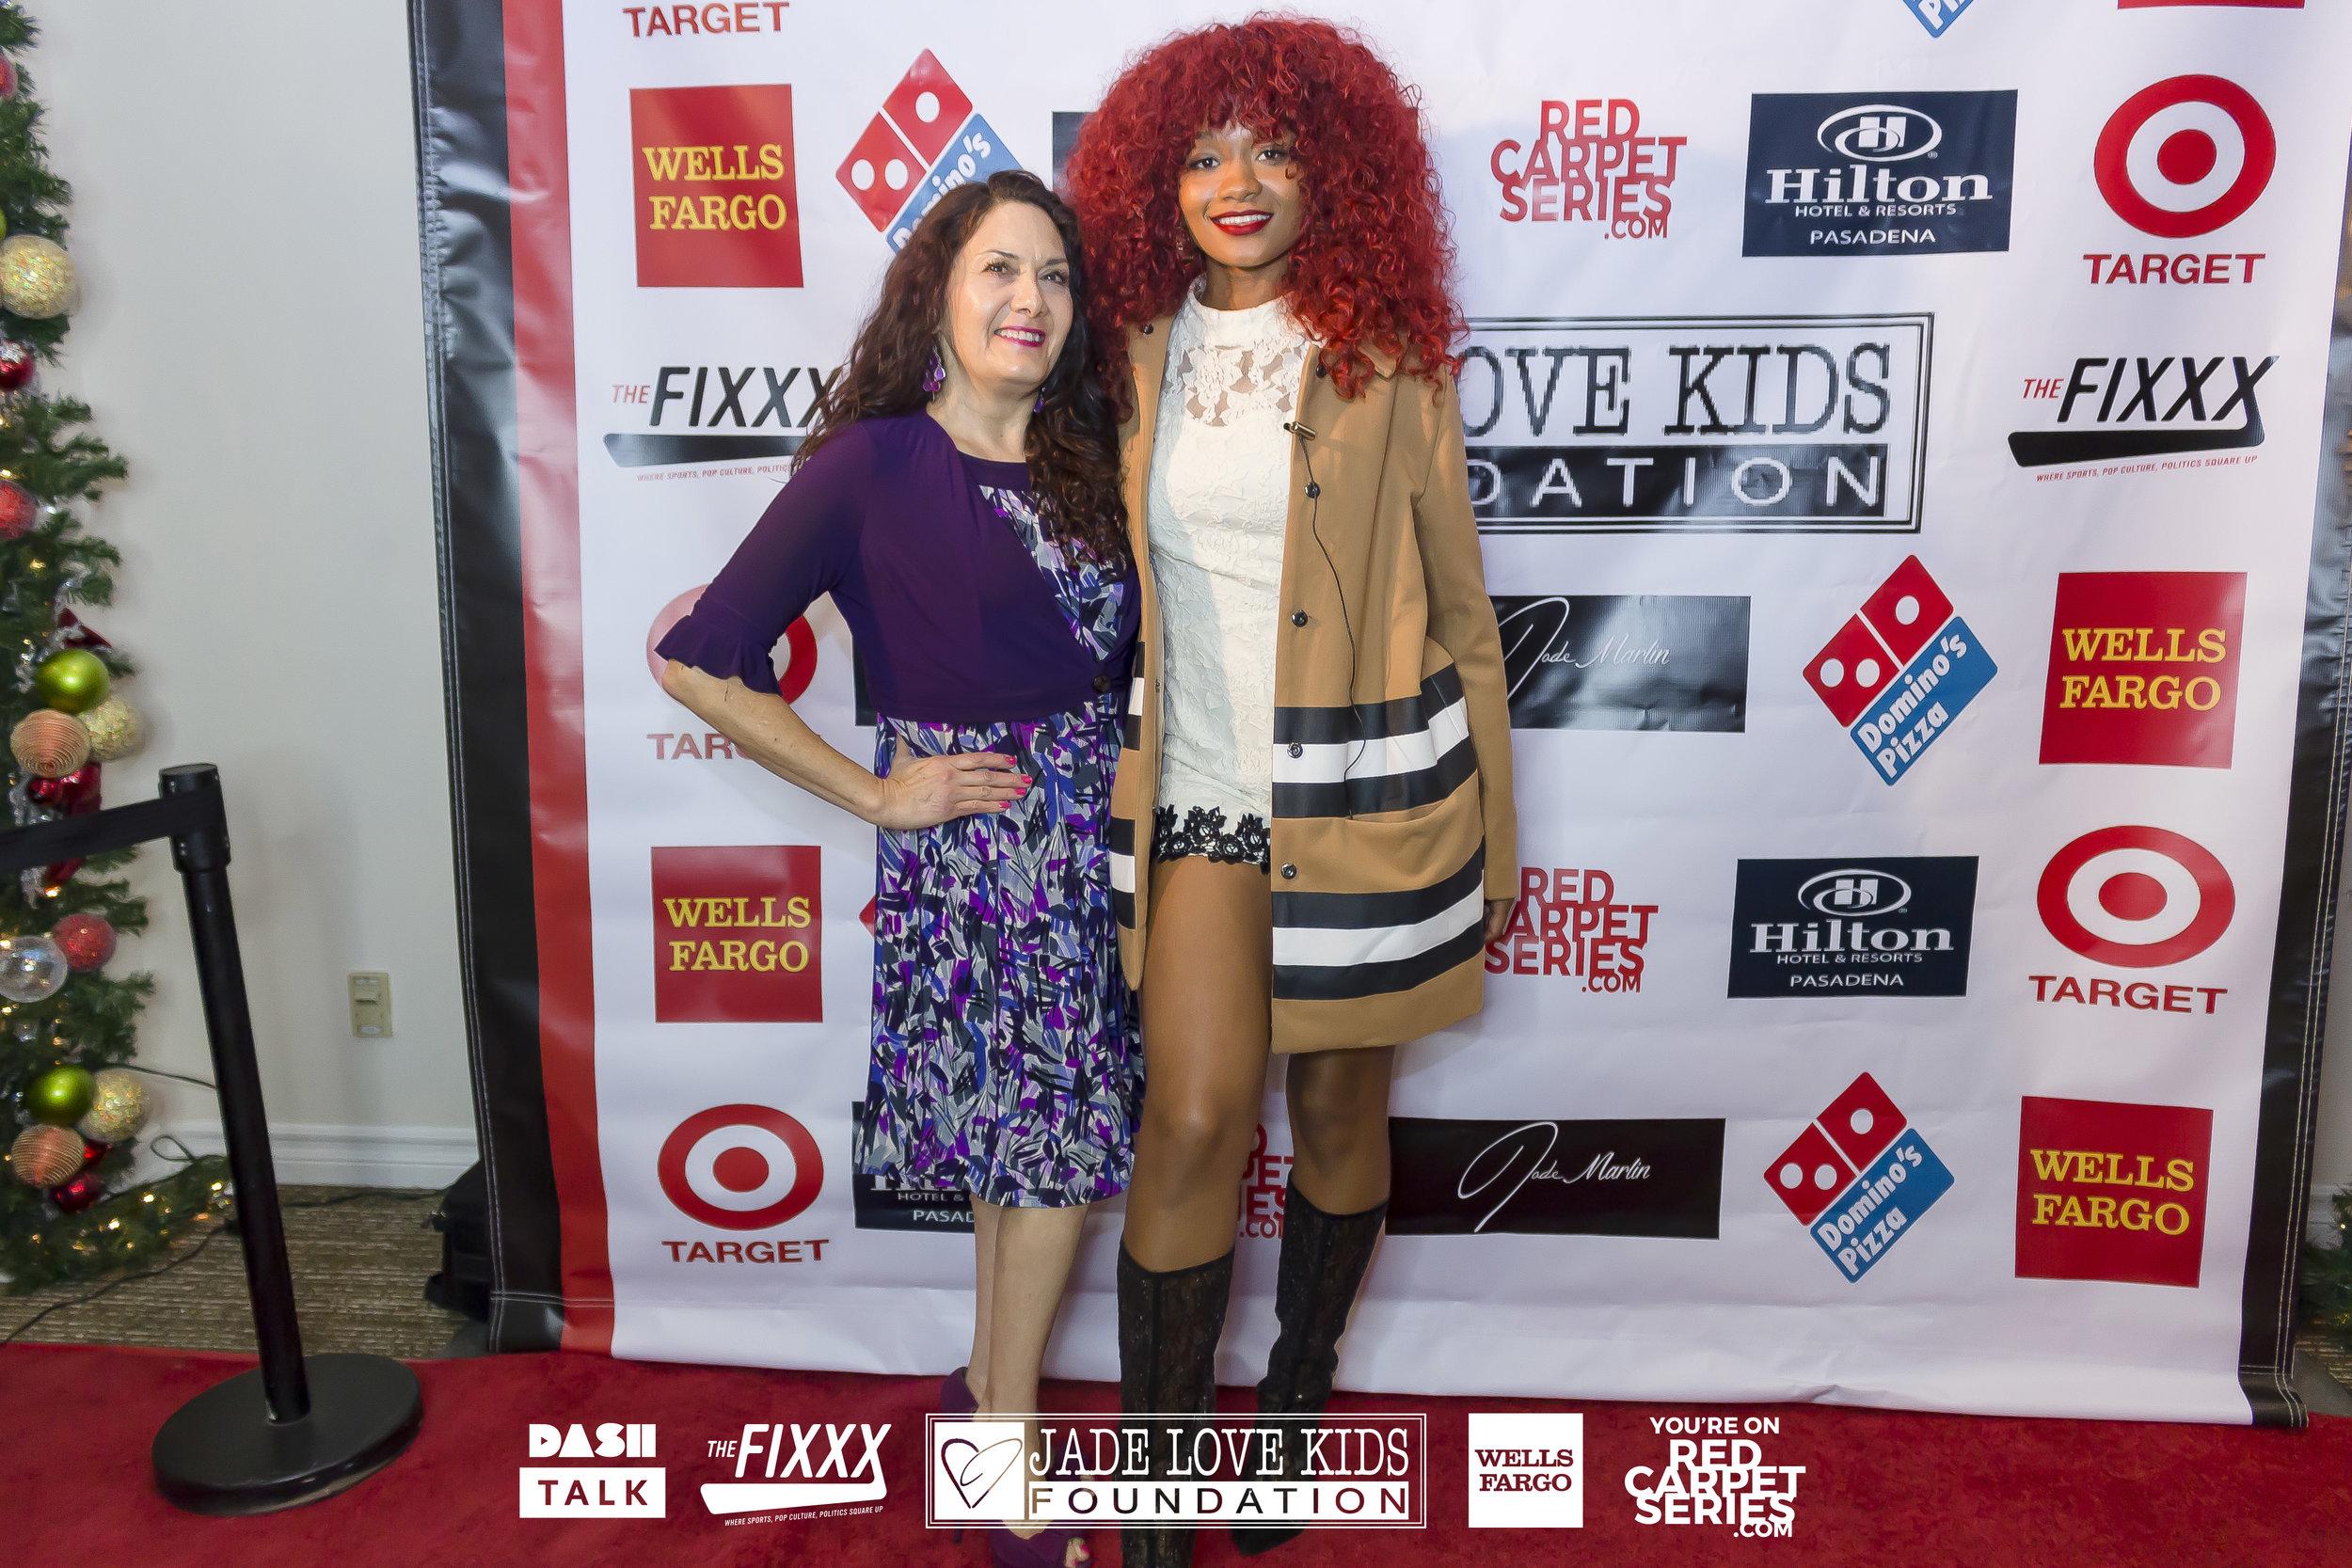 Jade Love Kids Foundation - 12-01-18 - Round 1.jpg